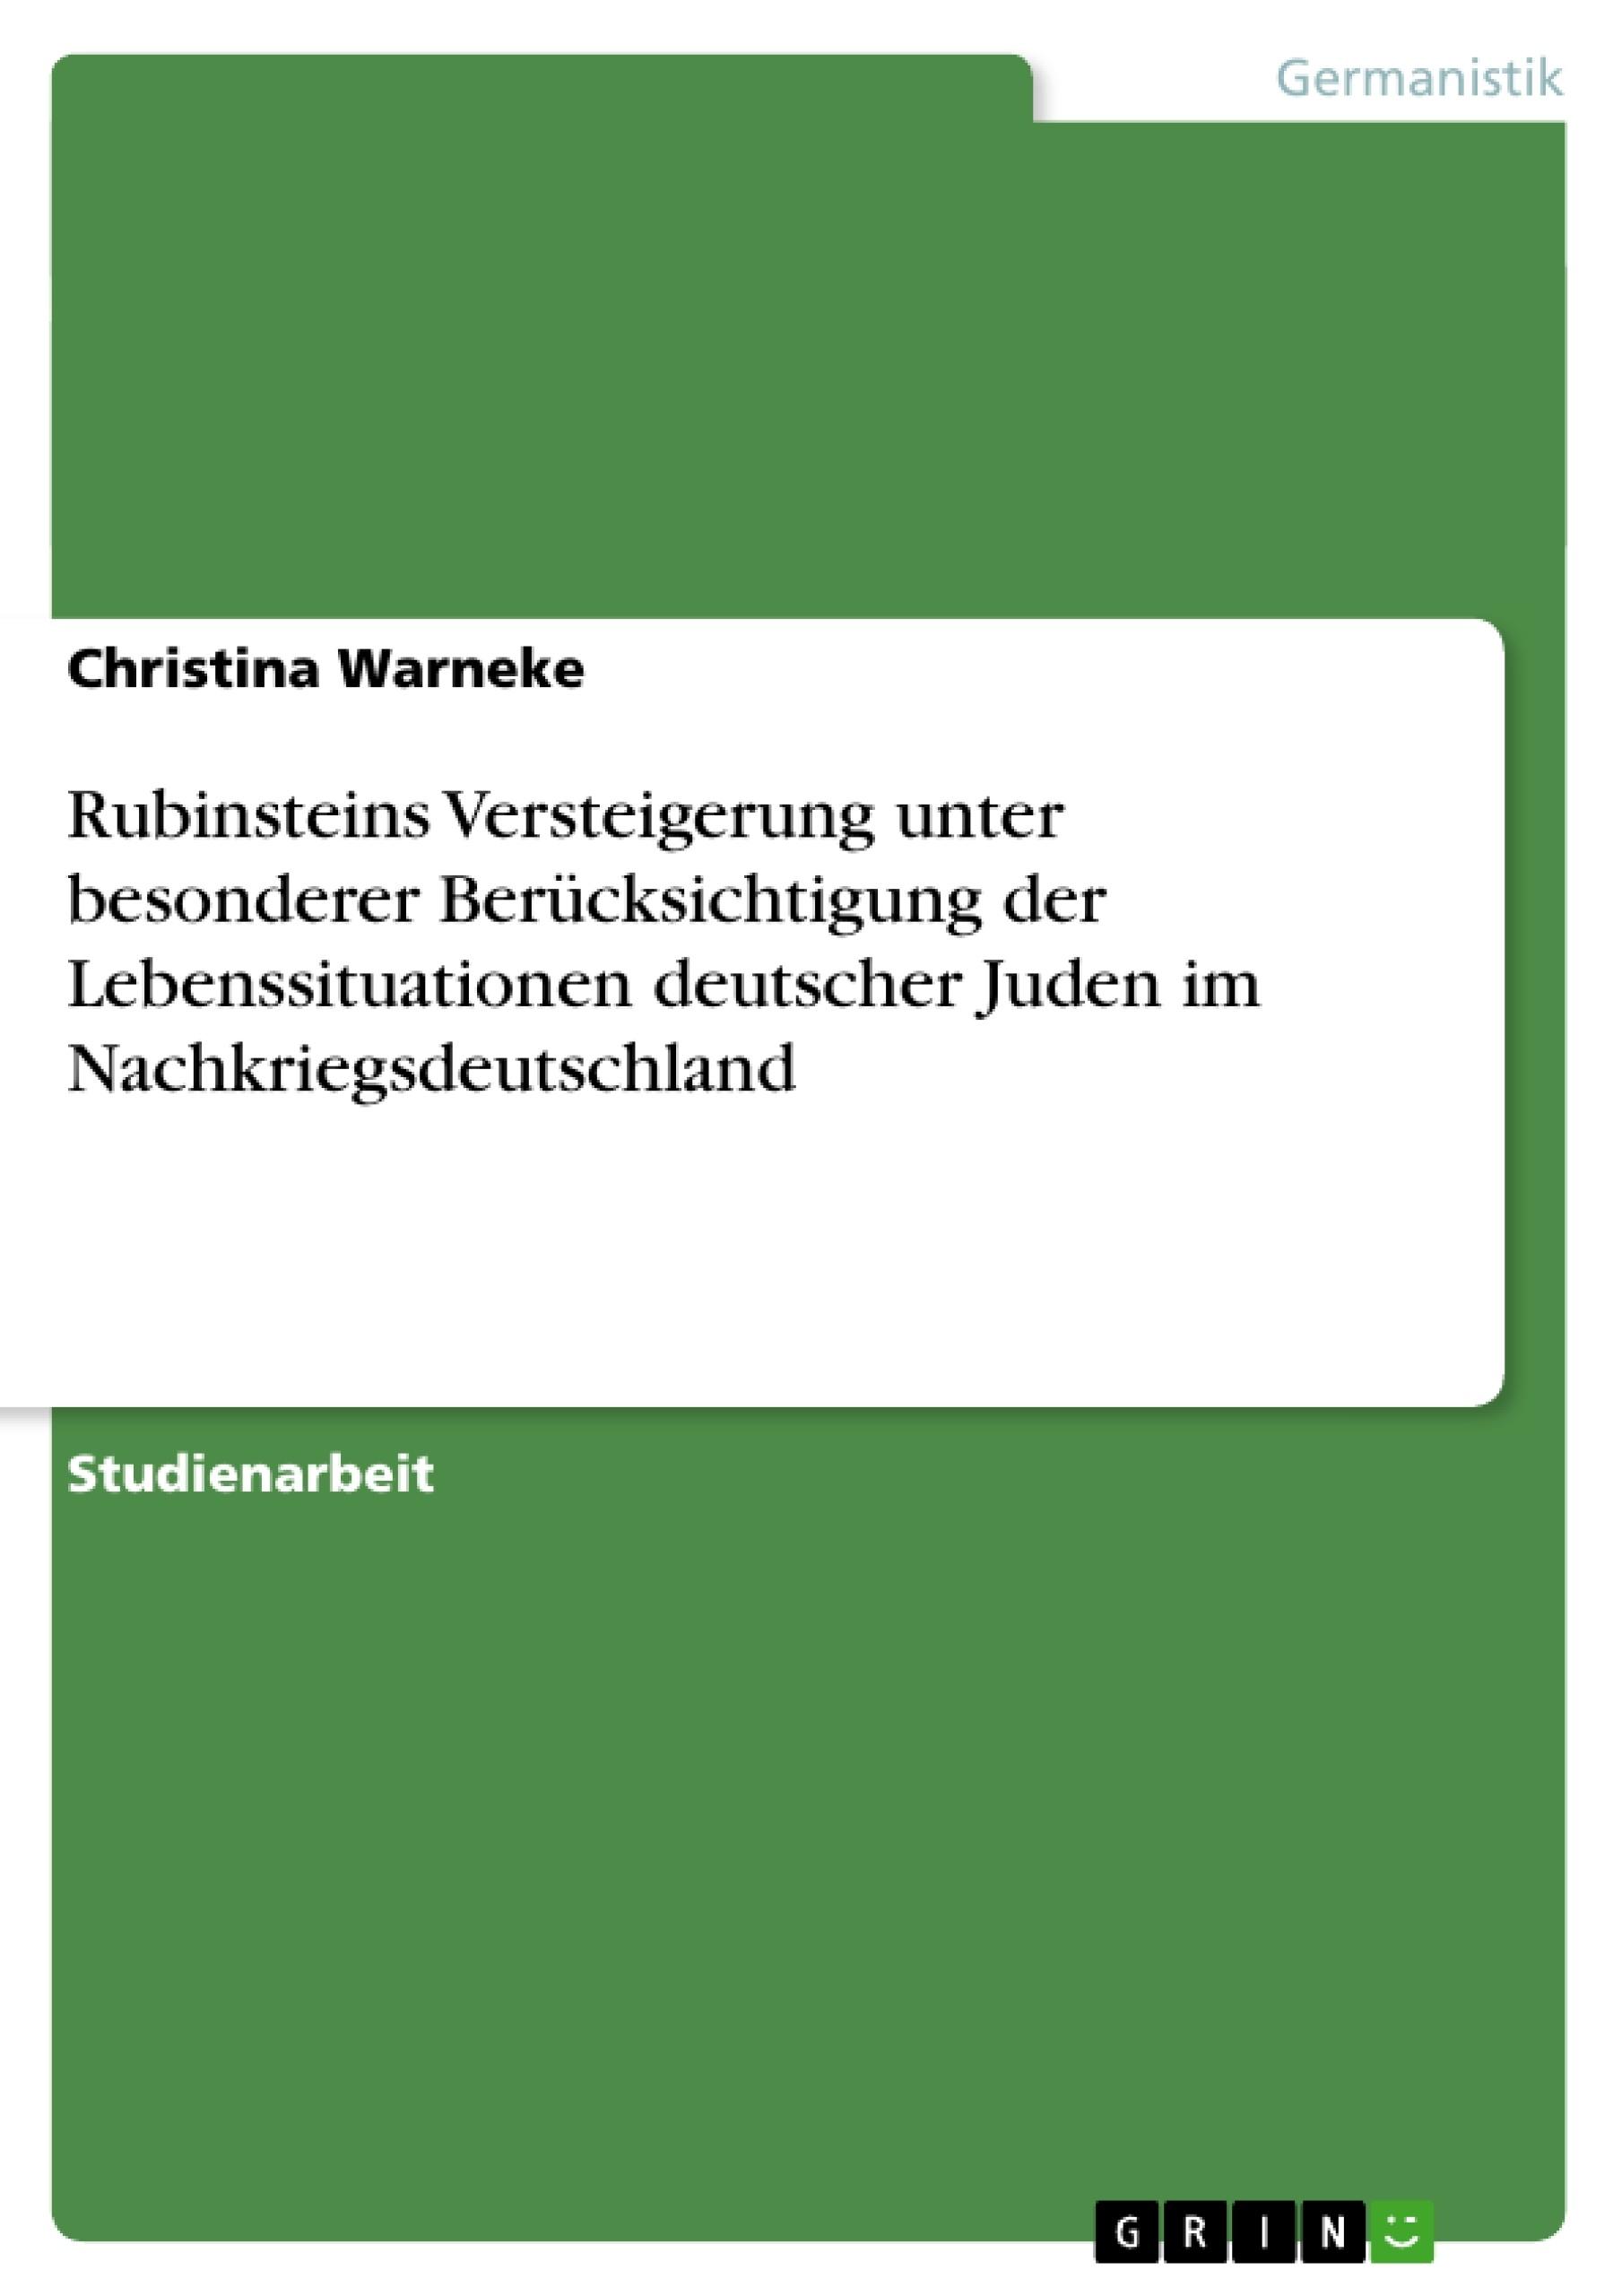 Titel: Rubinsteins Versteigerung unter besonderer Berücksichtigung der Lebenssituationen deutscher Juden im Nachkriegsdeutschland